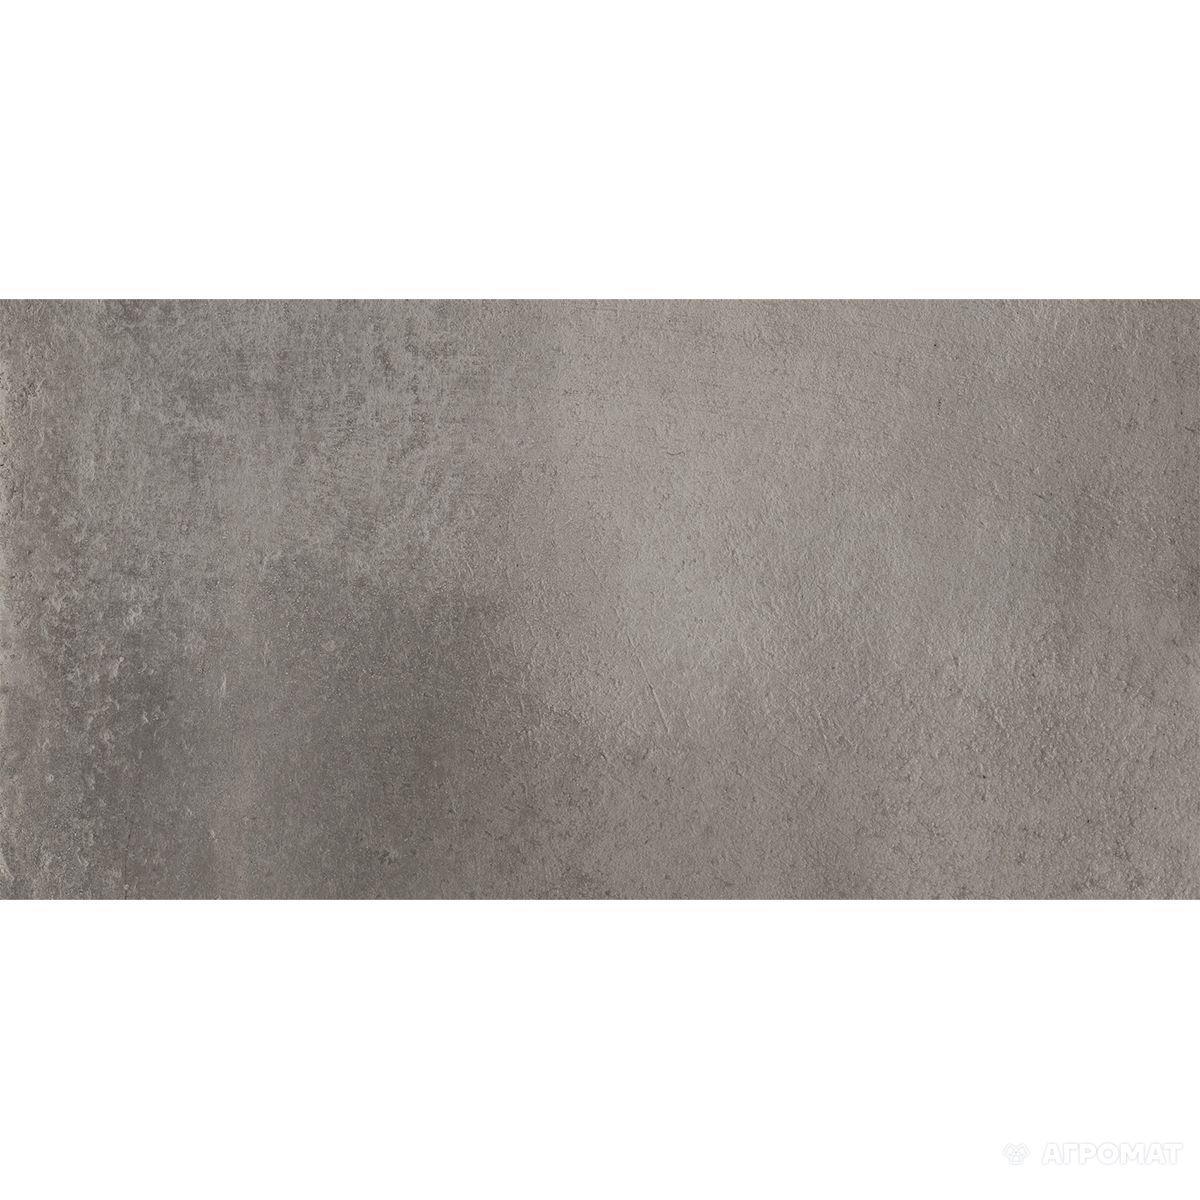 Плитка для пола Concrete дымчатый 1200x600